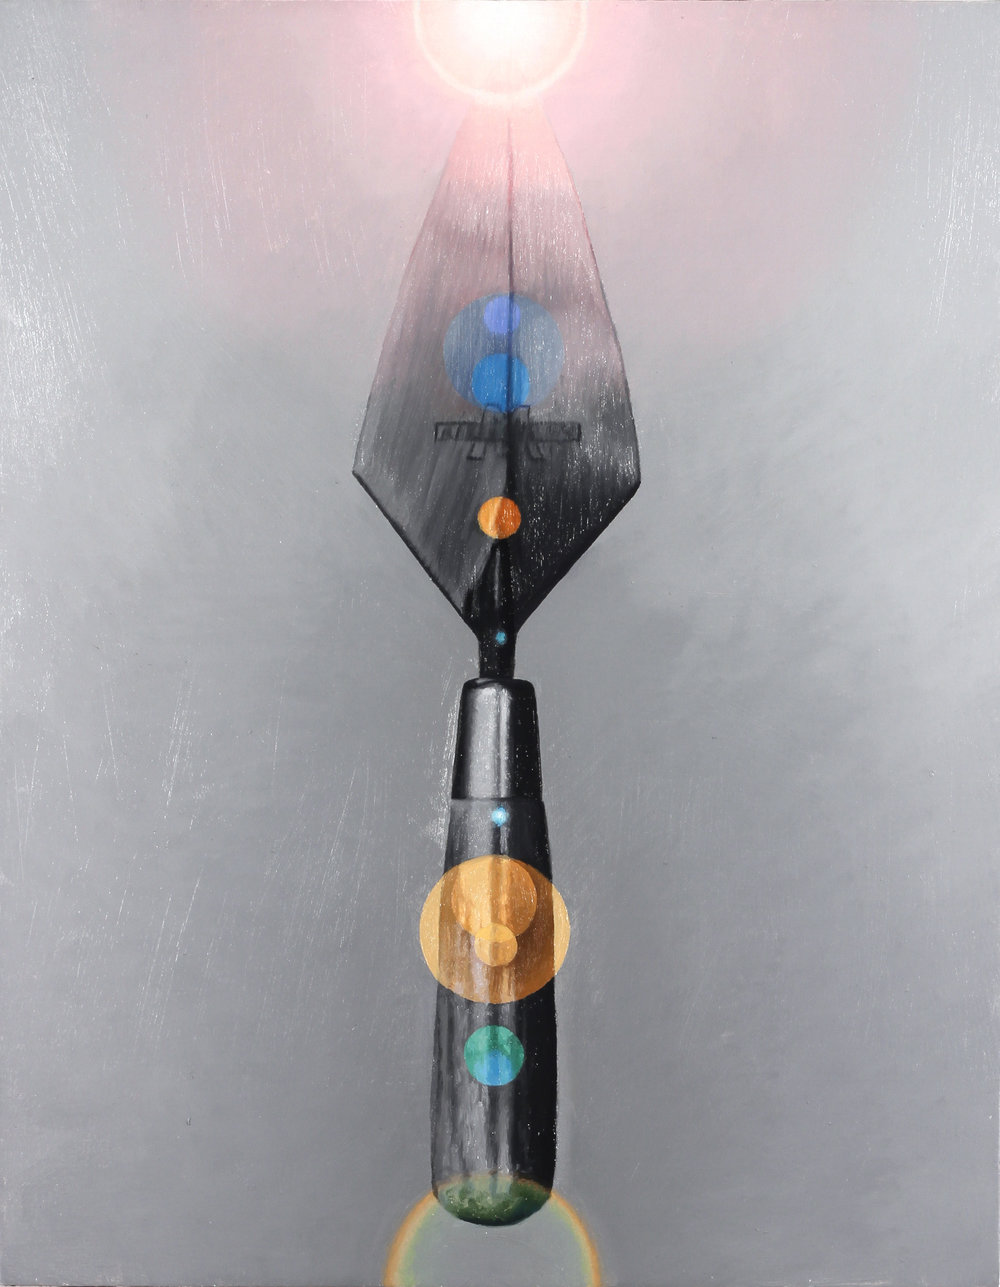 With Walker Evans II, 2018, Oil on panel, 14 x 11 in (35.6 x 27.9 cm)